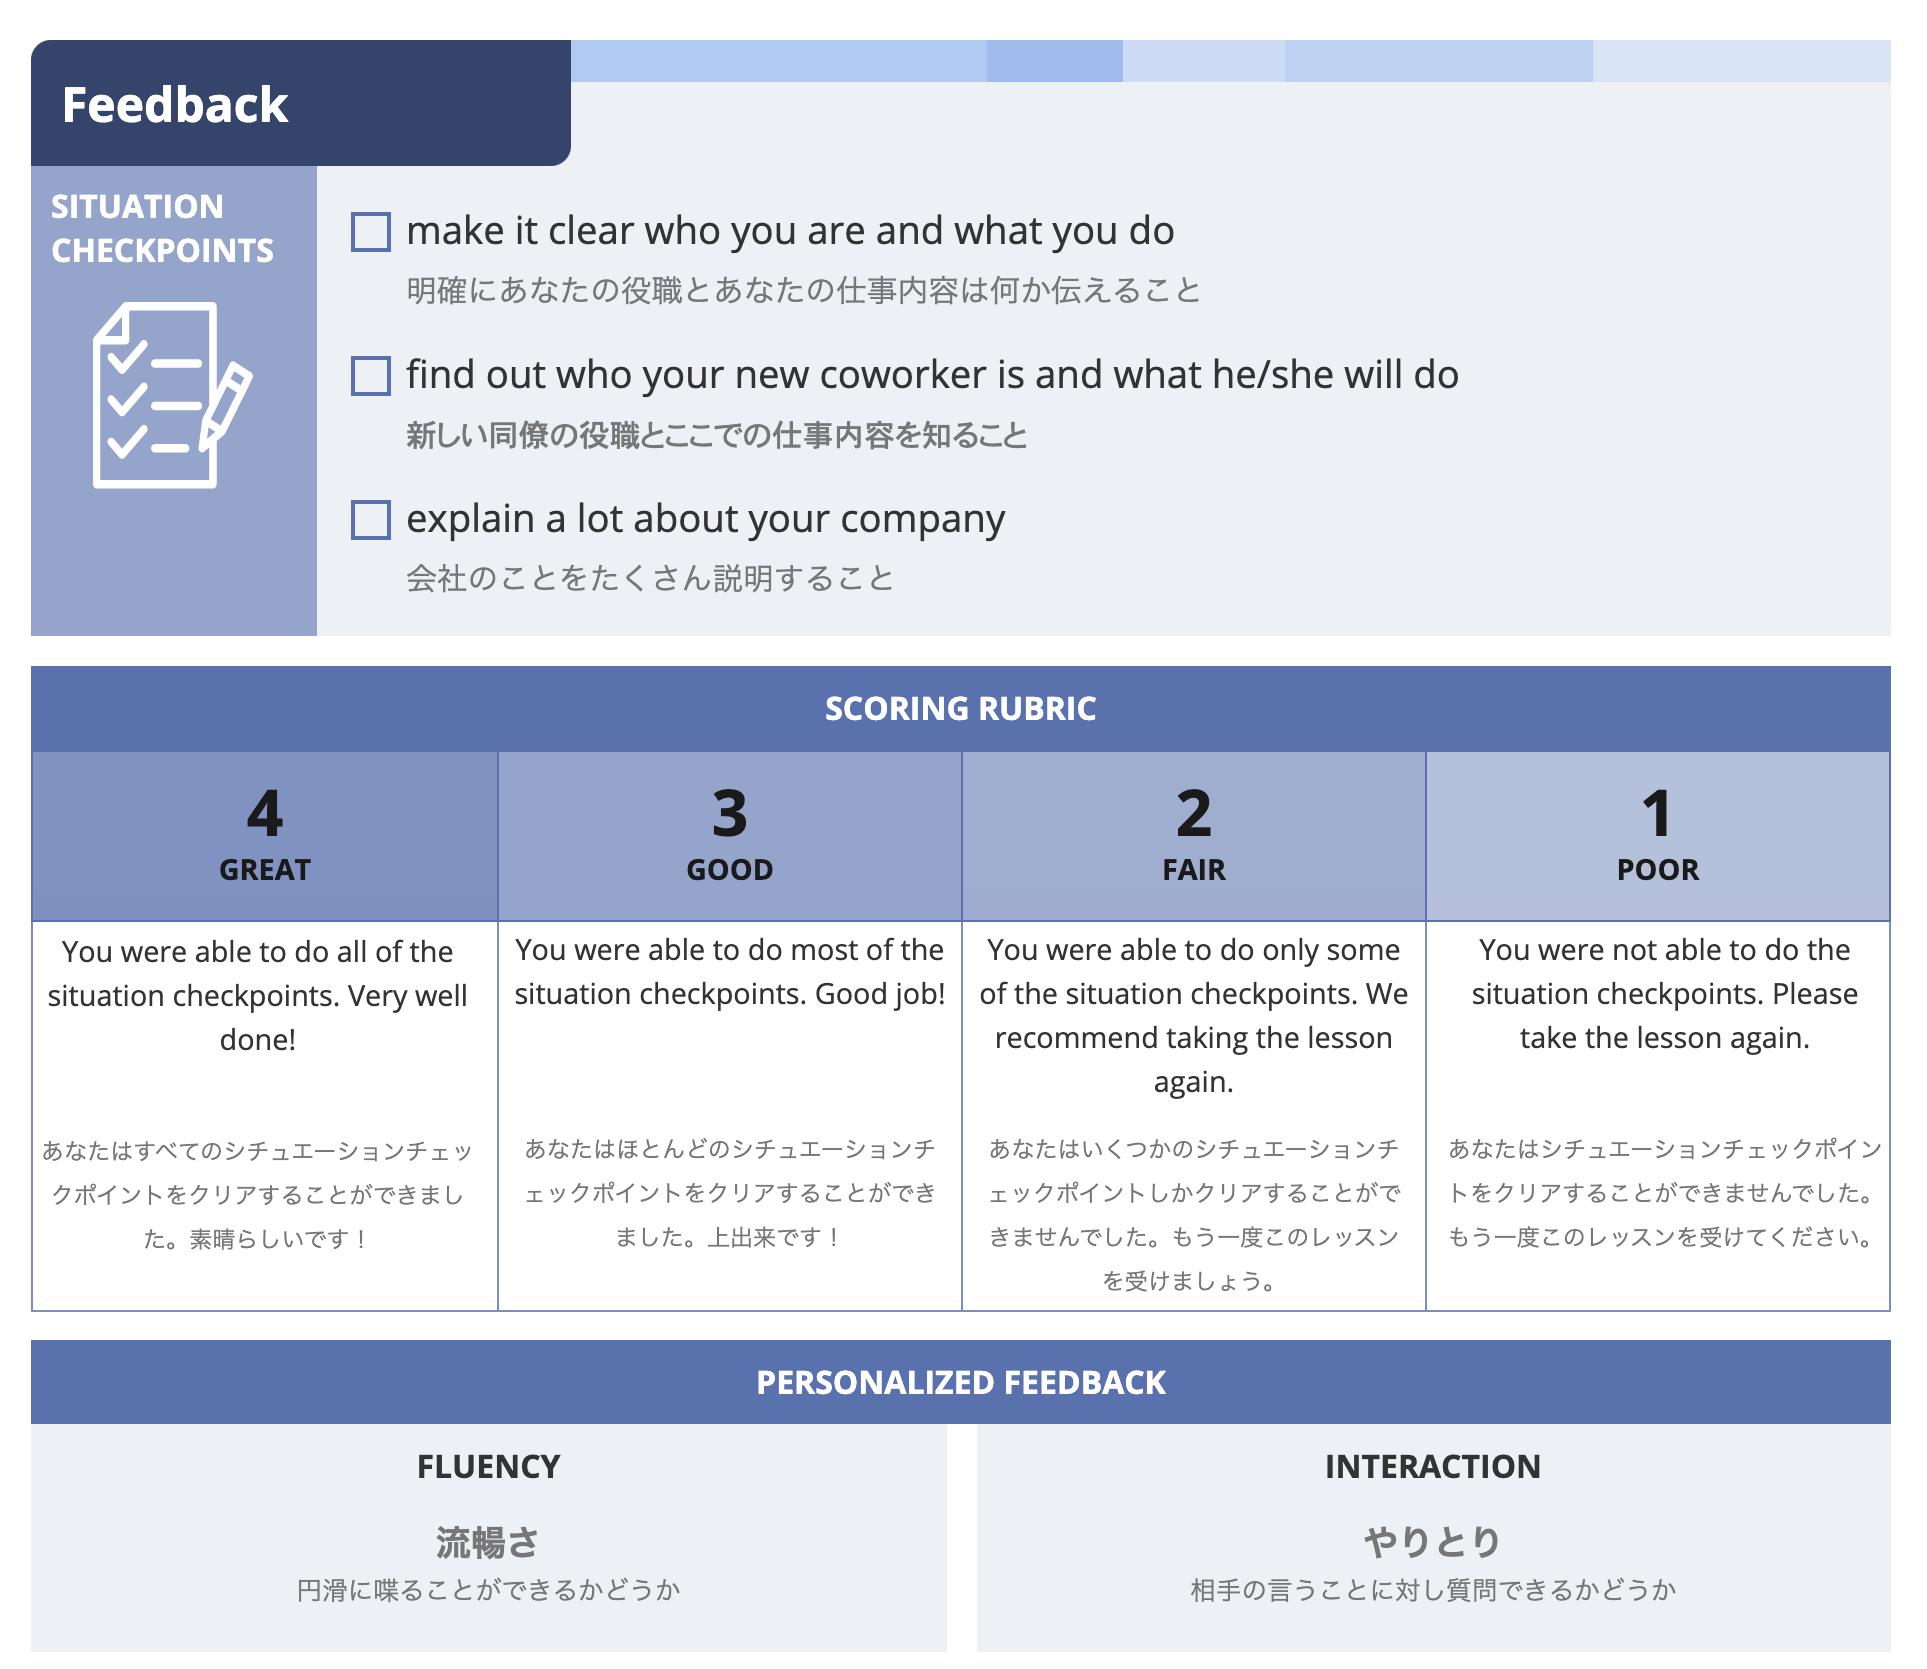 ビジネスシチュエーションクエスチョン 初中級 FEEDBACK